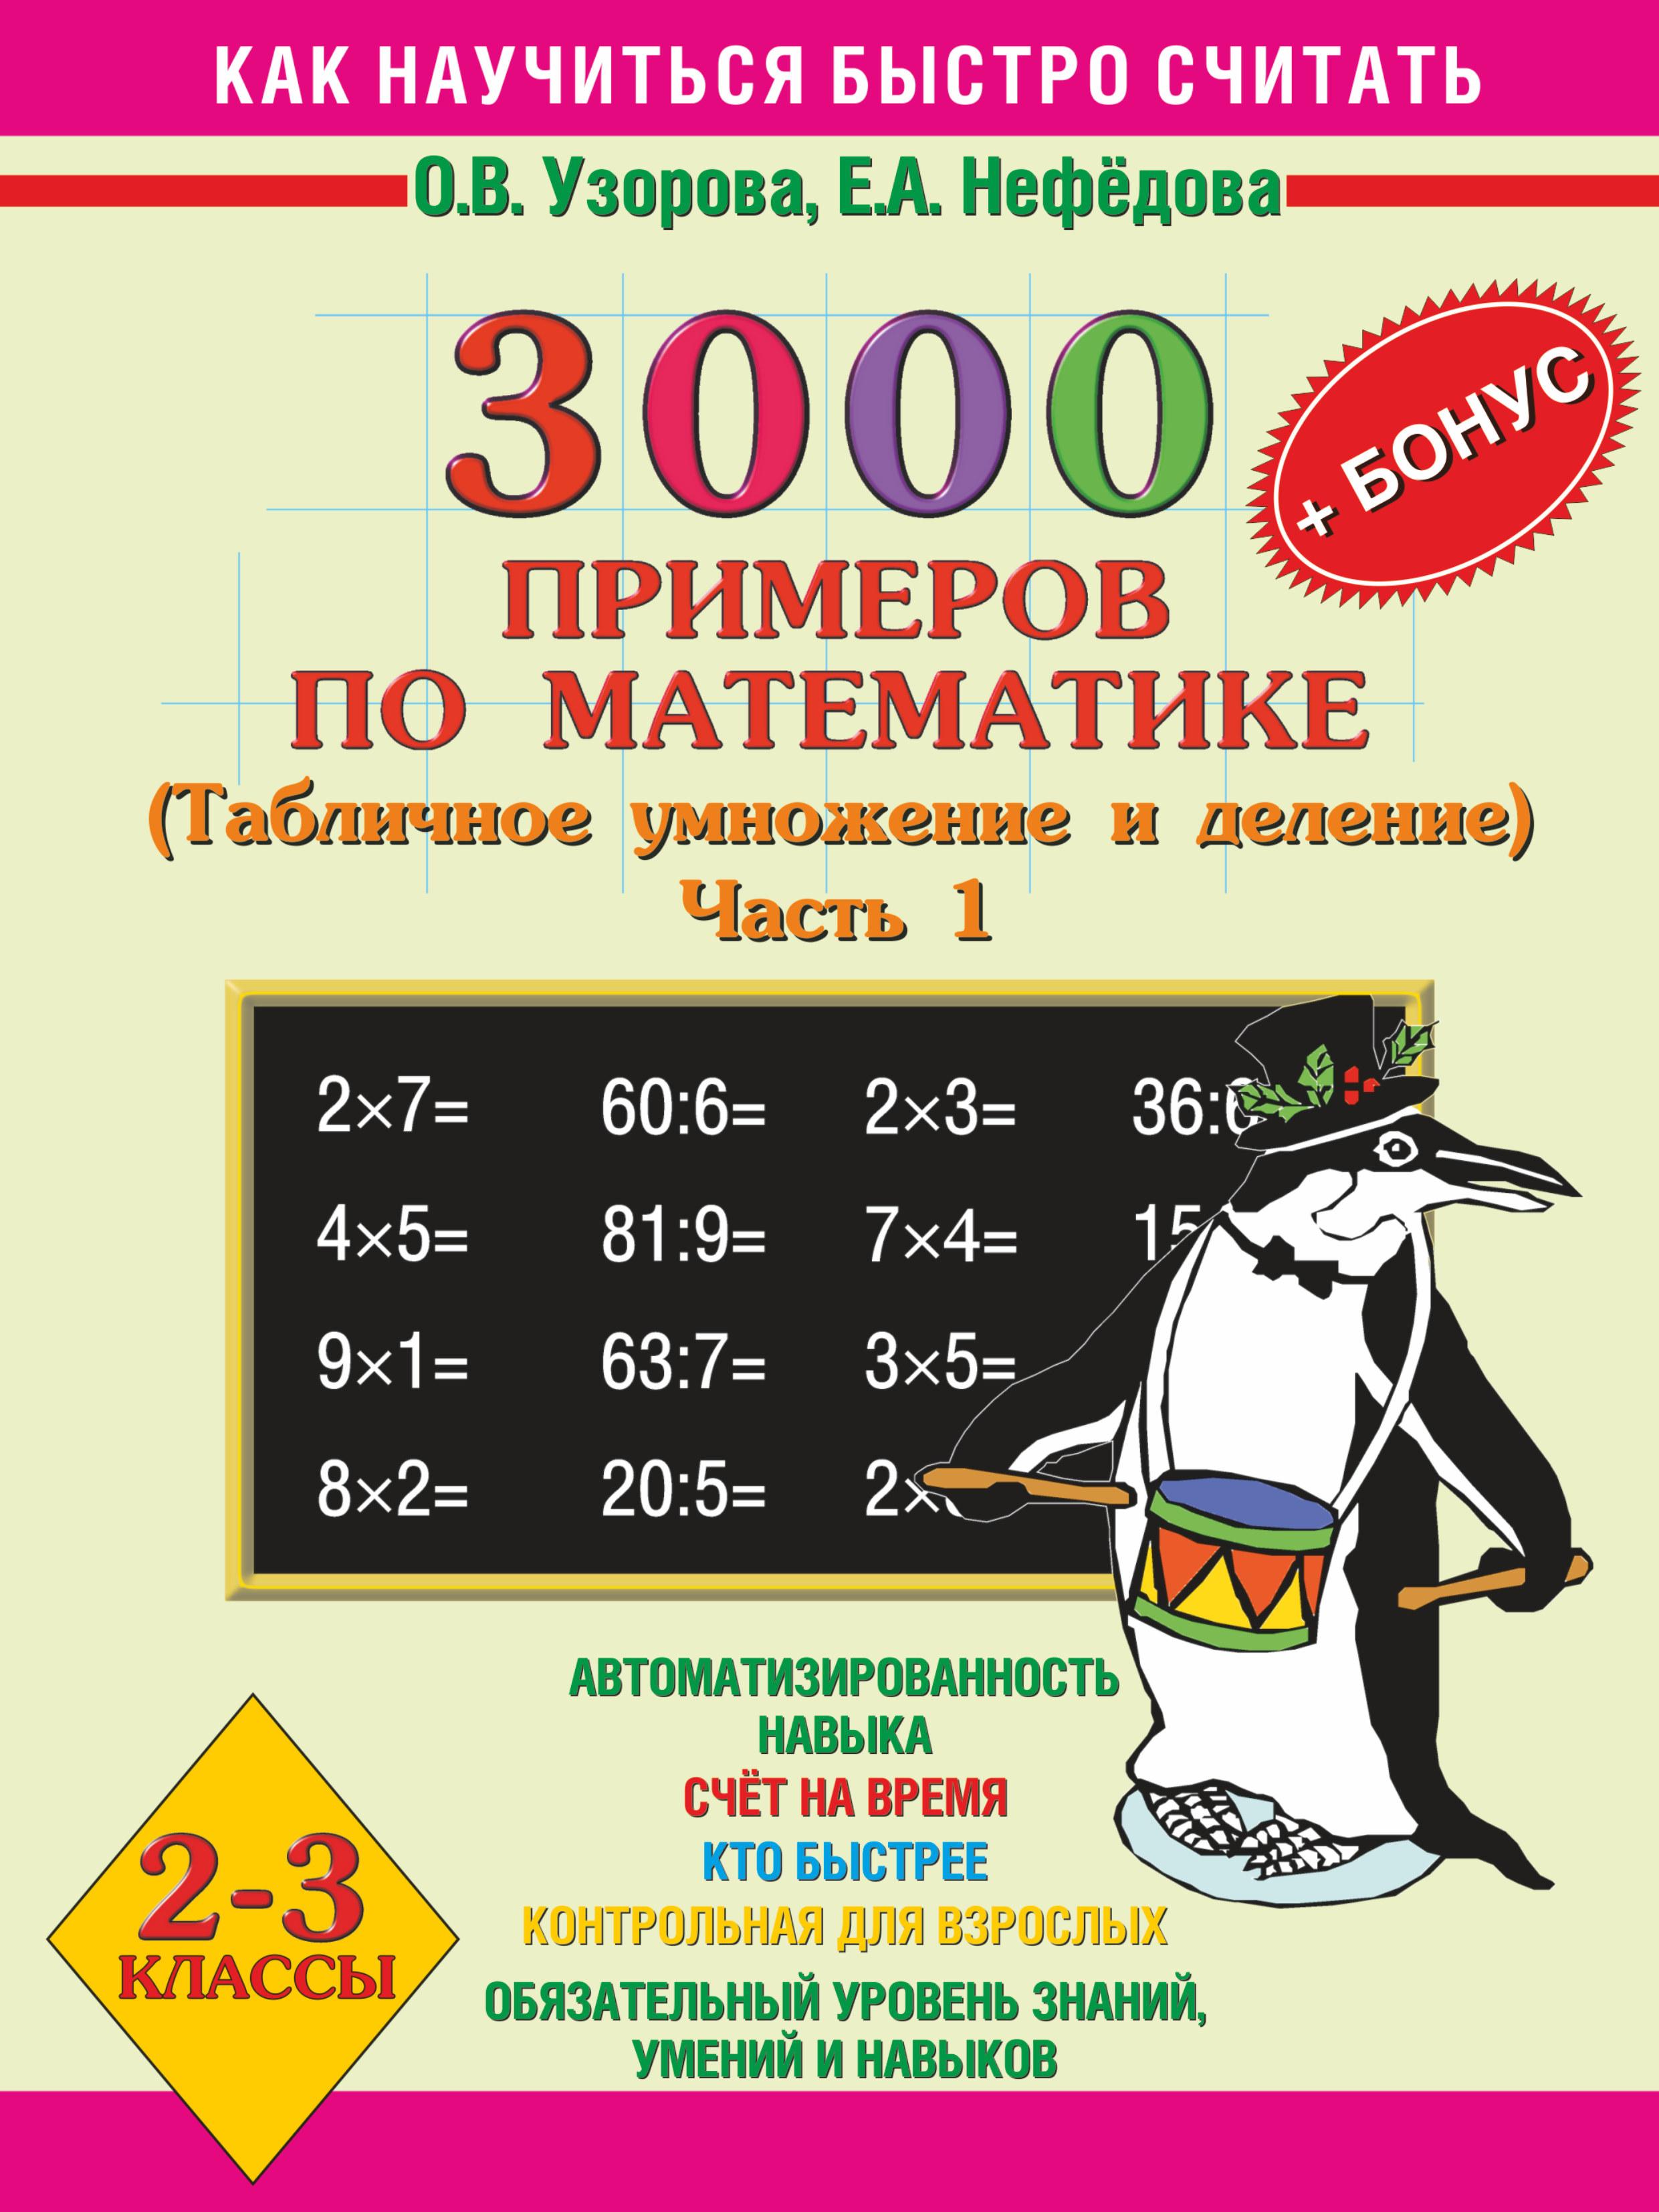 Как научиться быстро считать. 2-3 классы. 3000 примеров по математике (Табличное умножение и деление). Часть 1